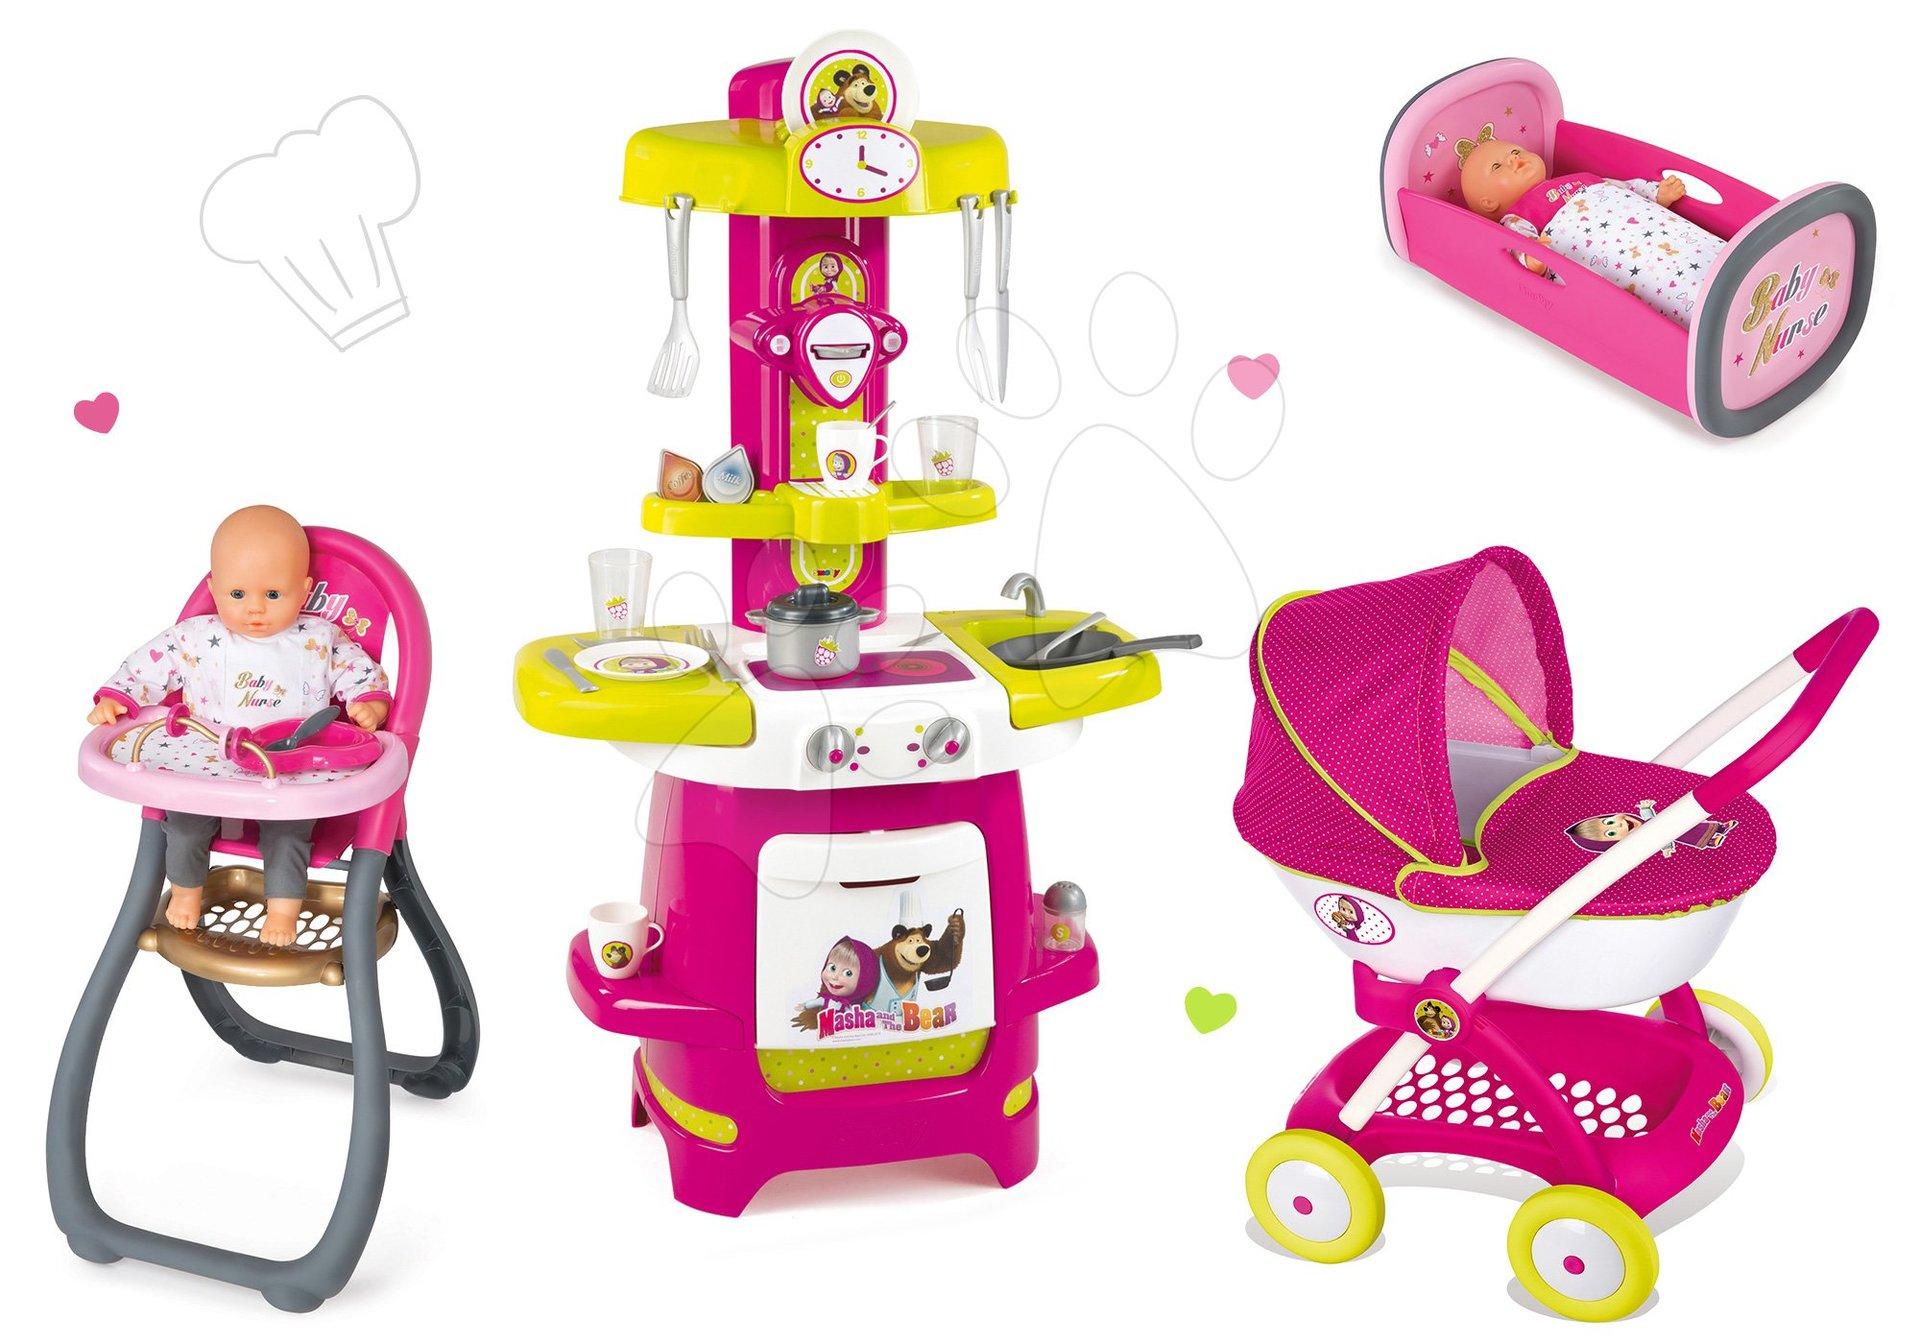 Komplet voziček Maša in medved Smoby za dojenčka globok (55 cm ročaj), kuhinja Maša, stolček za hranjenje in zibka za dojenčka od 18 mes